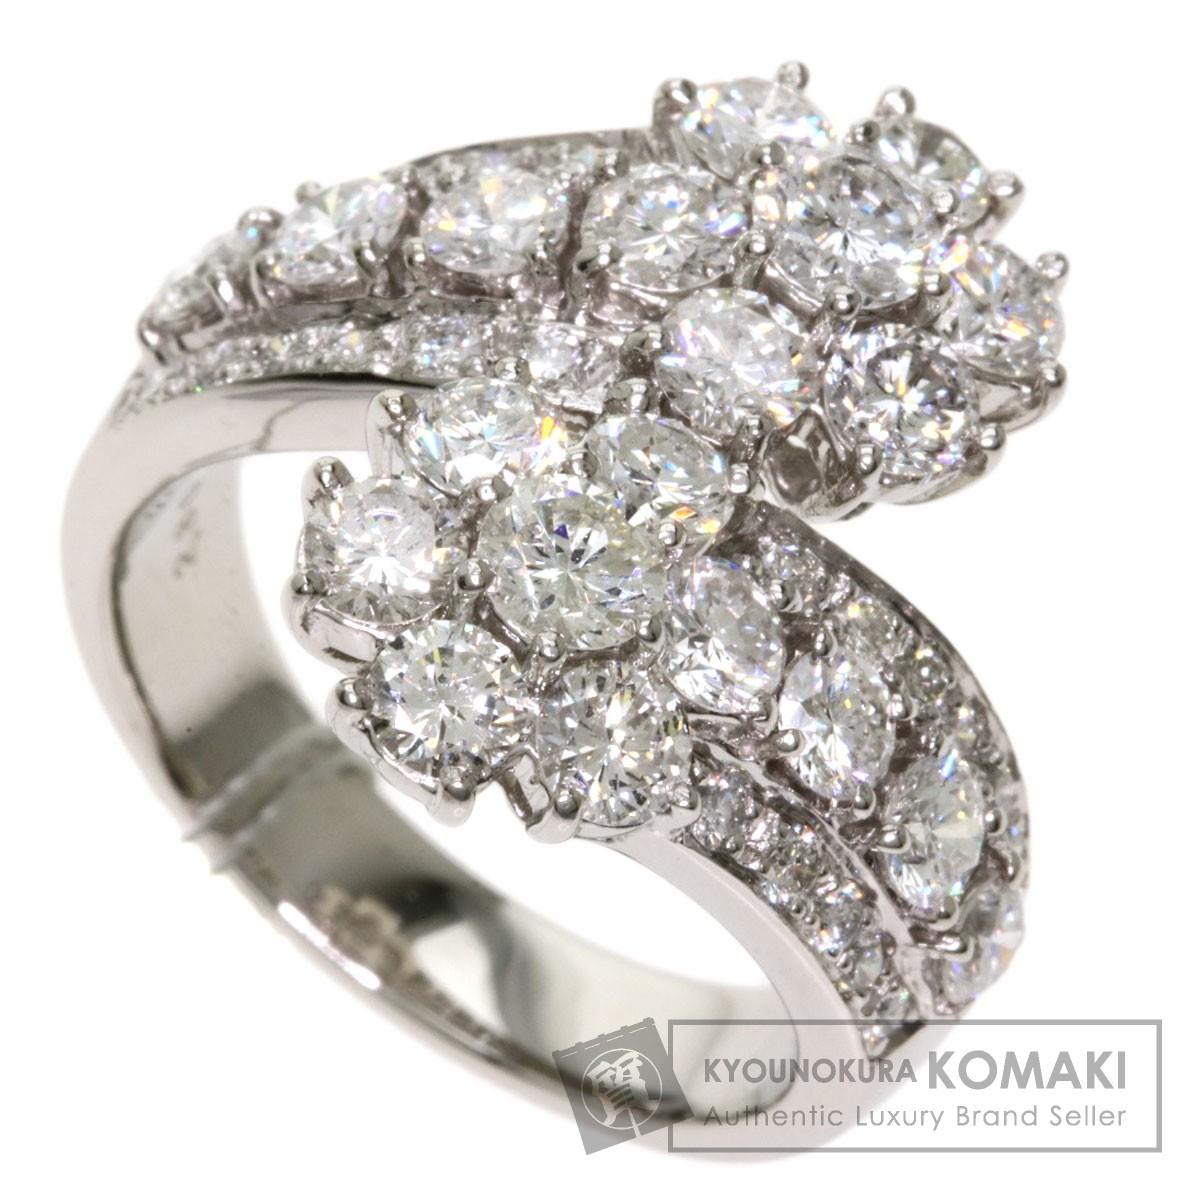 ダイヤモンド リング・指輪 プラチナPT900 13g レディース 【中古】